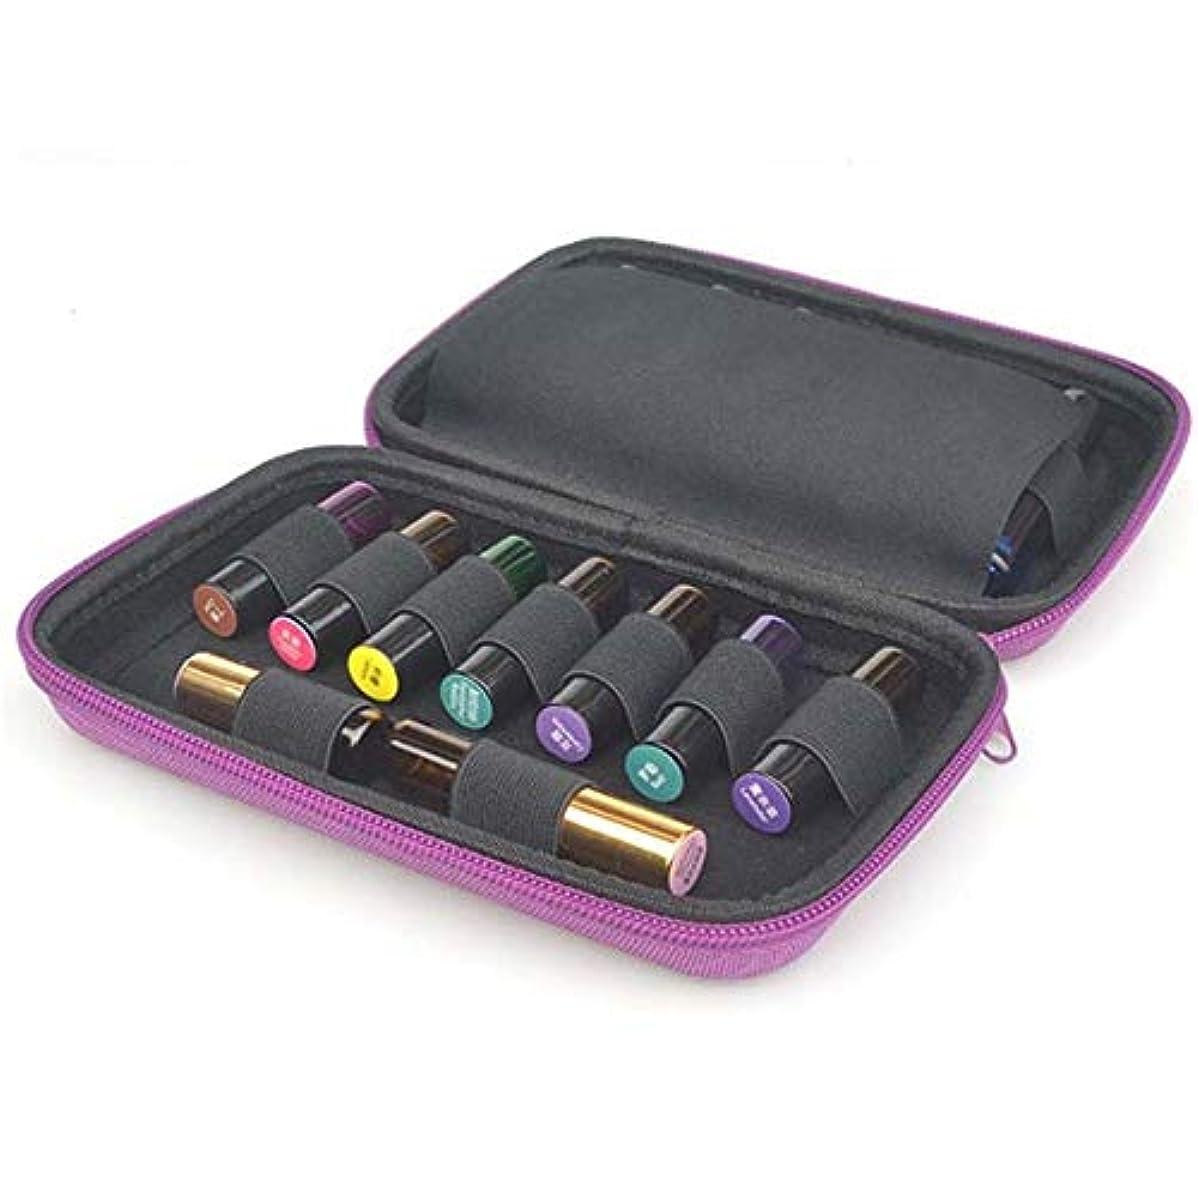 関税不倫の間にエッセンシャルオイル収納ボックス エッセンシャルオイルレザーハードシェル保護規格ボトルロールと完璧な5?10ミリリットルの15本のボトル 丈夫で持ち運びが簡単 (色 : 紫の, サイズ : 20X13X4.5CM)